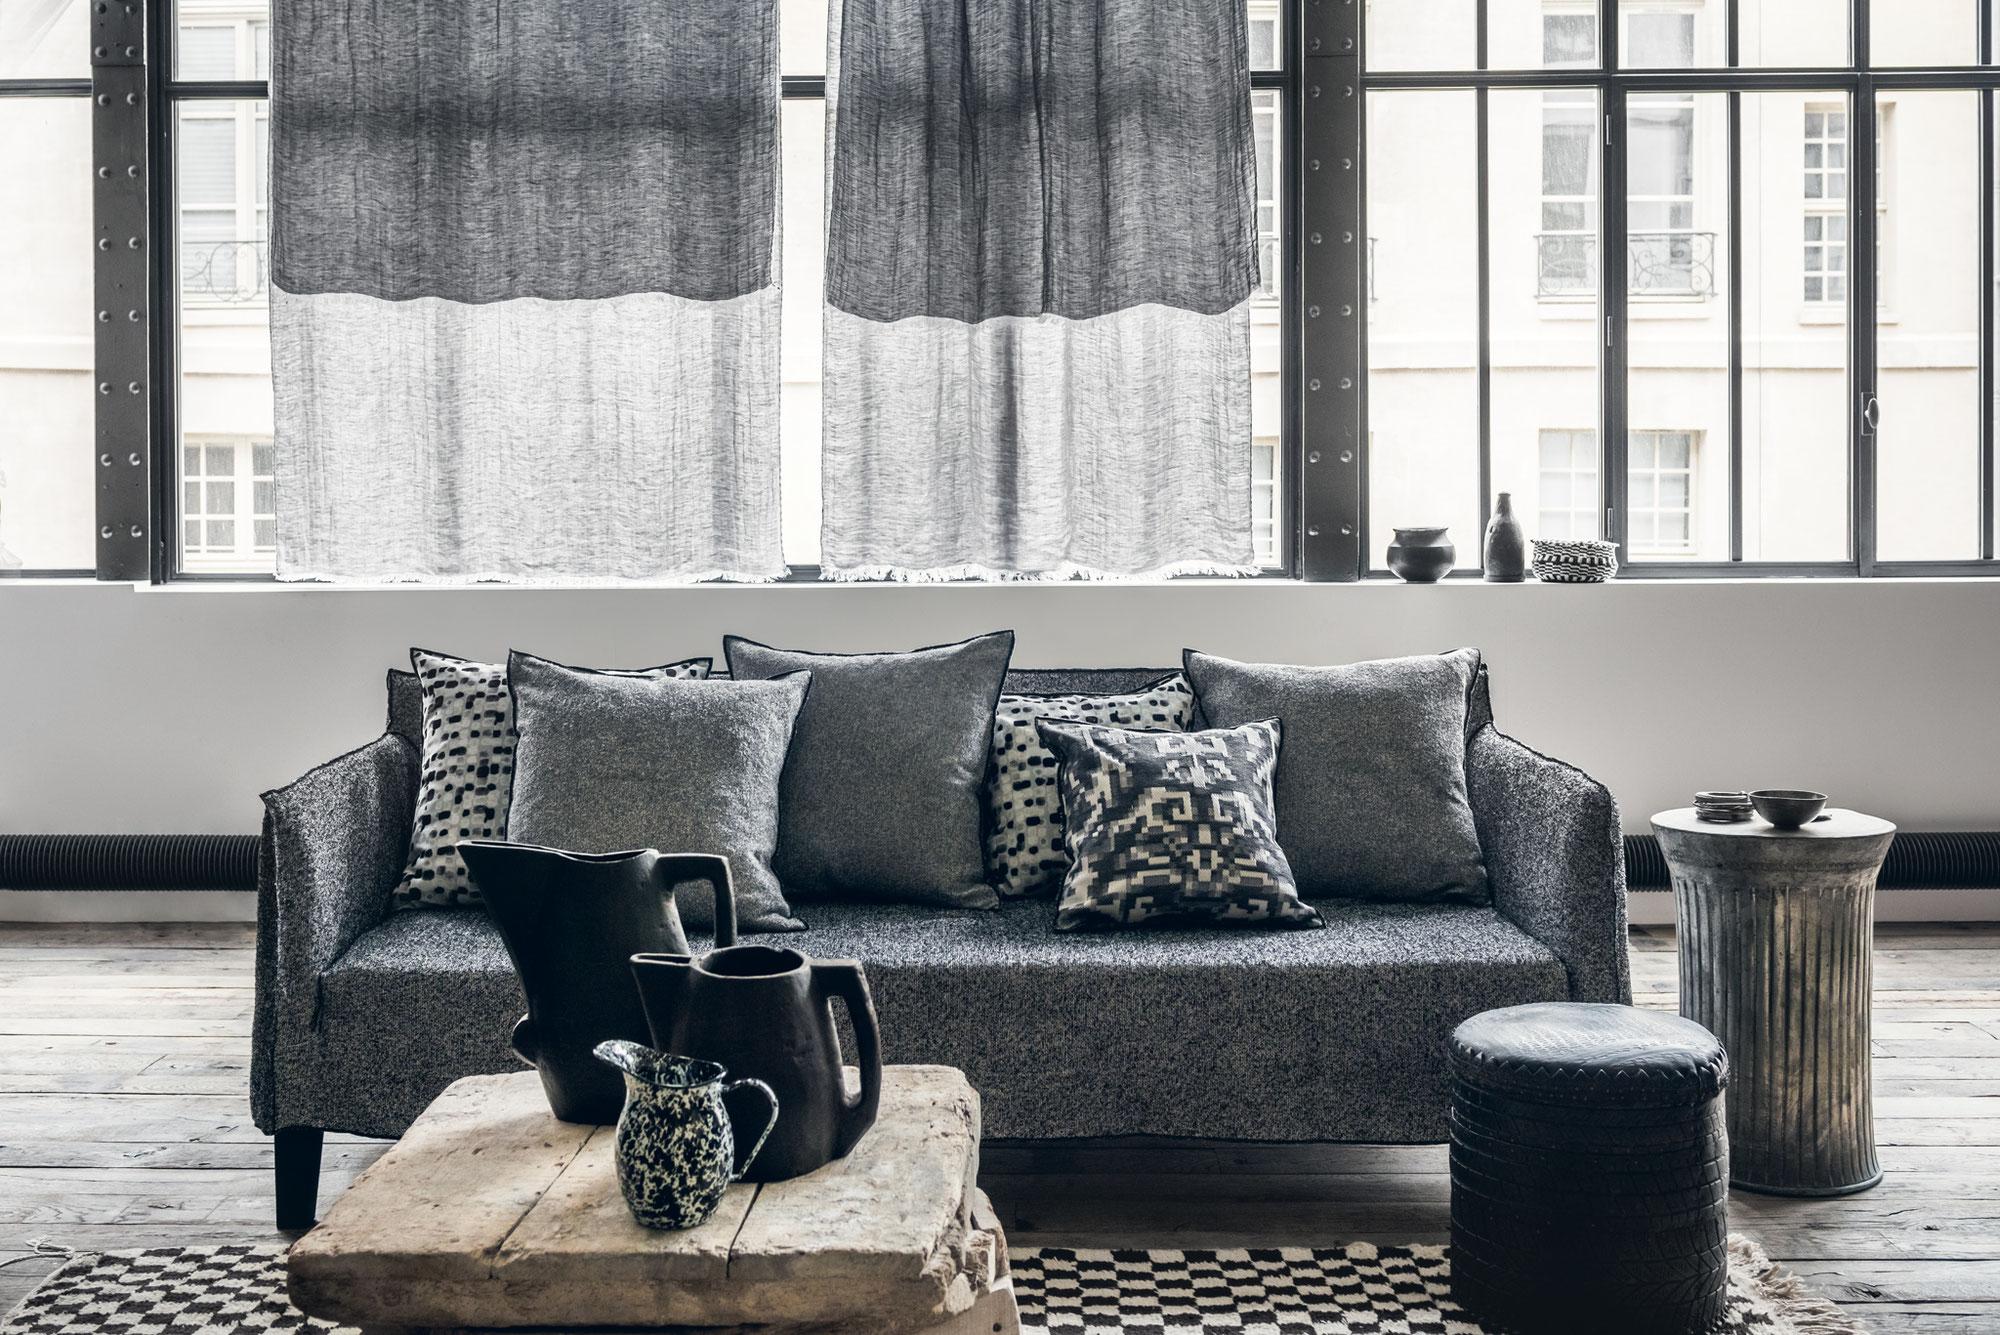 tapissier paris site de thedemeure. Black Bedroom Furniture Sets. Home Design Ideas